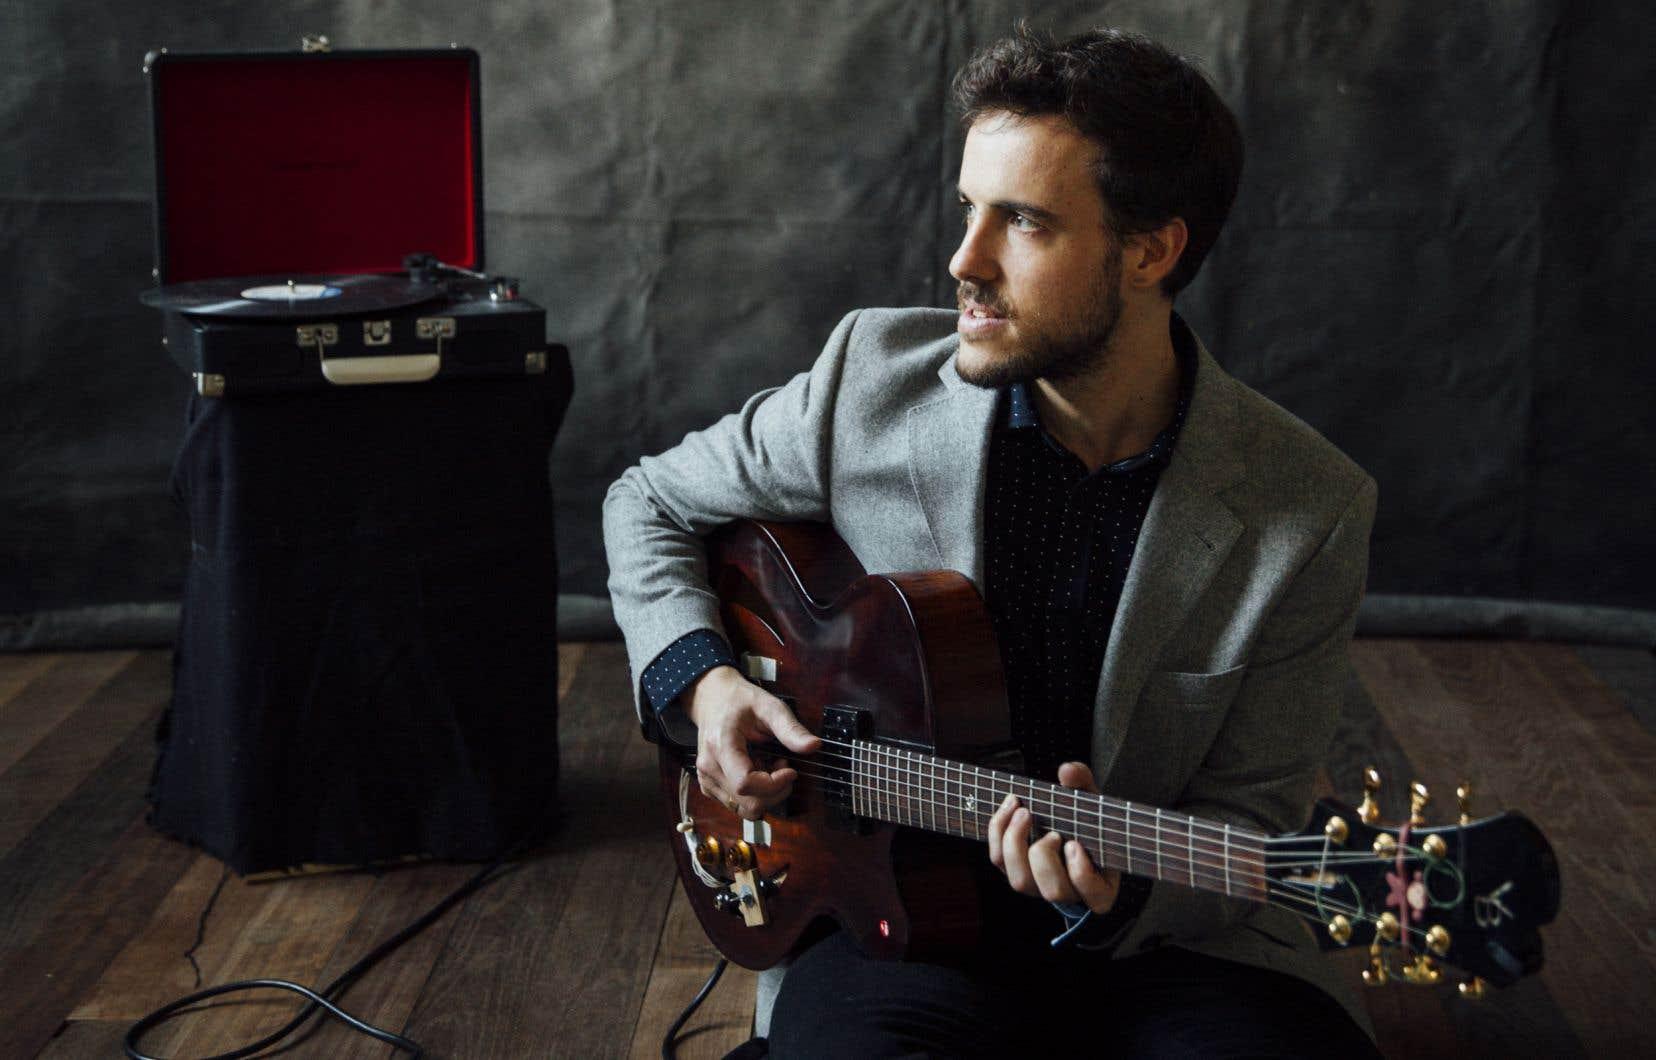 «Partout dans le monde on pouvait sentir ces turbulences, et ça a eu cette influence sur mon projet», explique le guitariste israélien Gilad Hekselman.